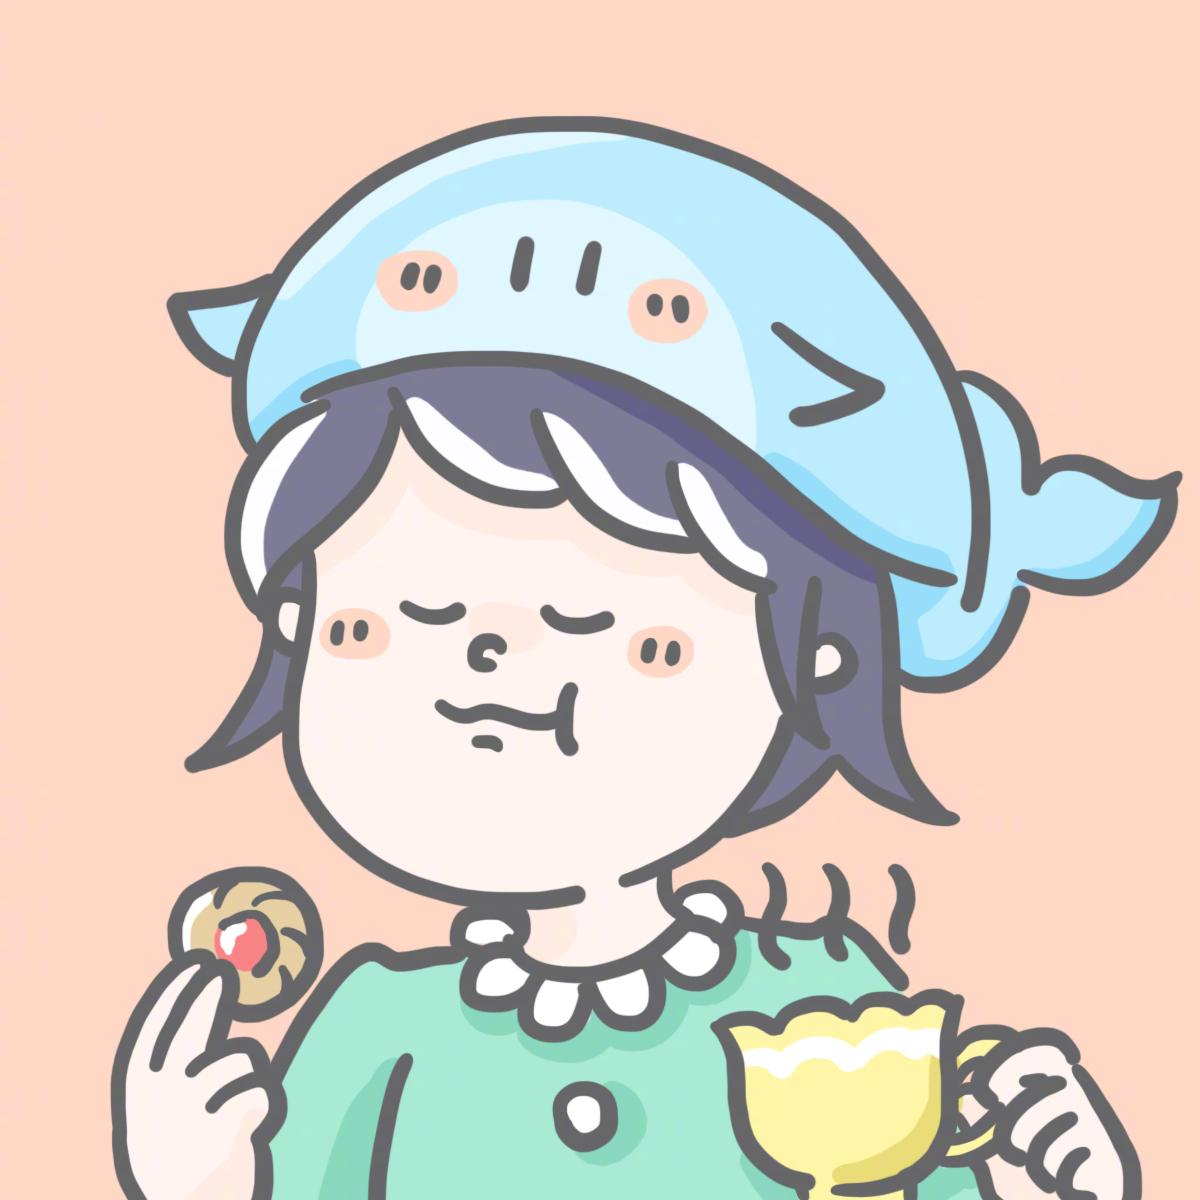 甜甜的小饼干头像来啦 还是明天晚上转发里选一位朋友勇有88元红包 @